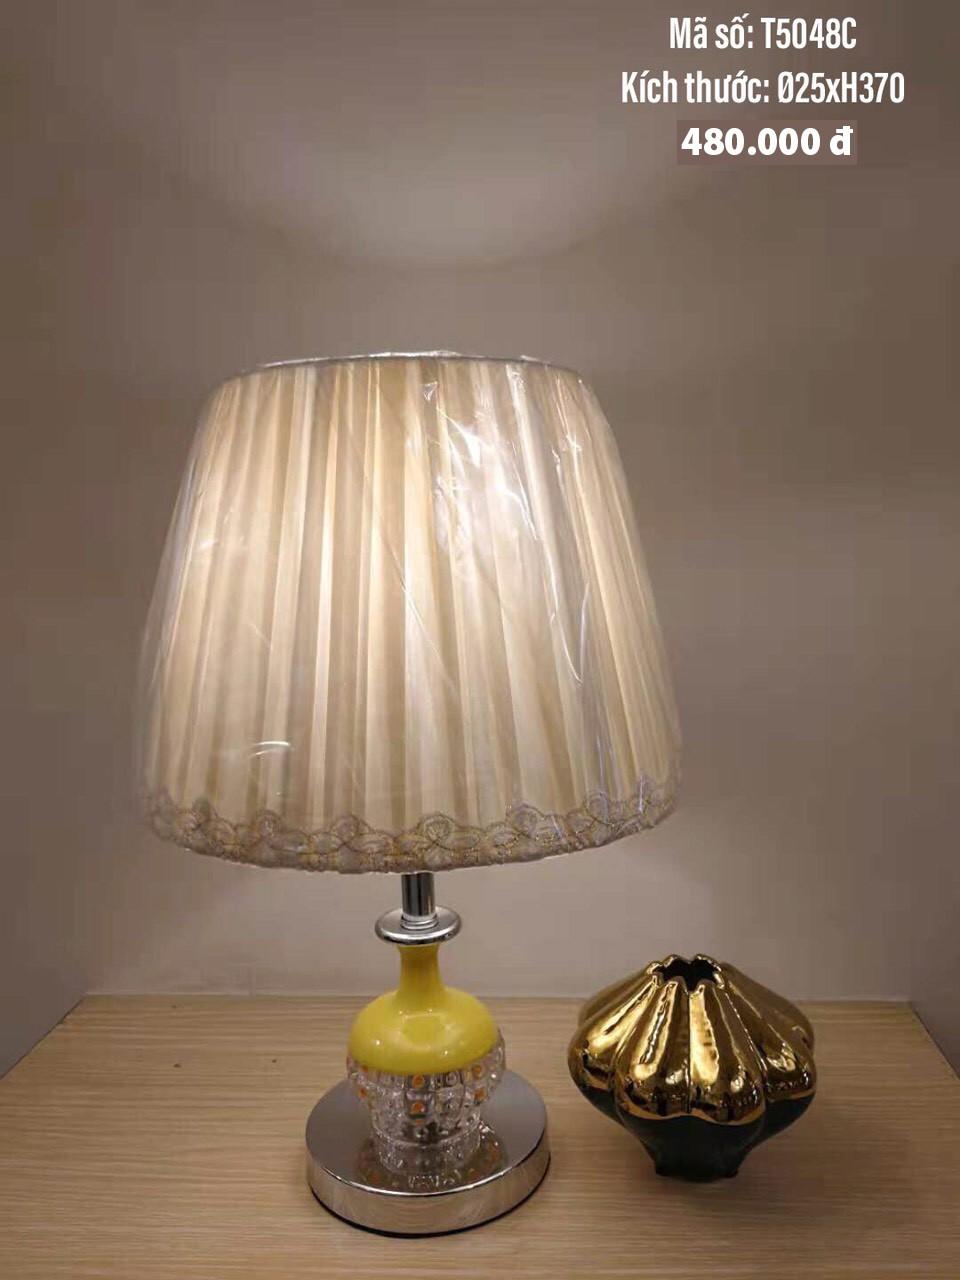 Đèn bàn đẹp HTDB-5048C